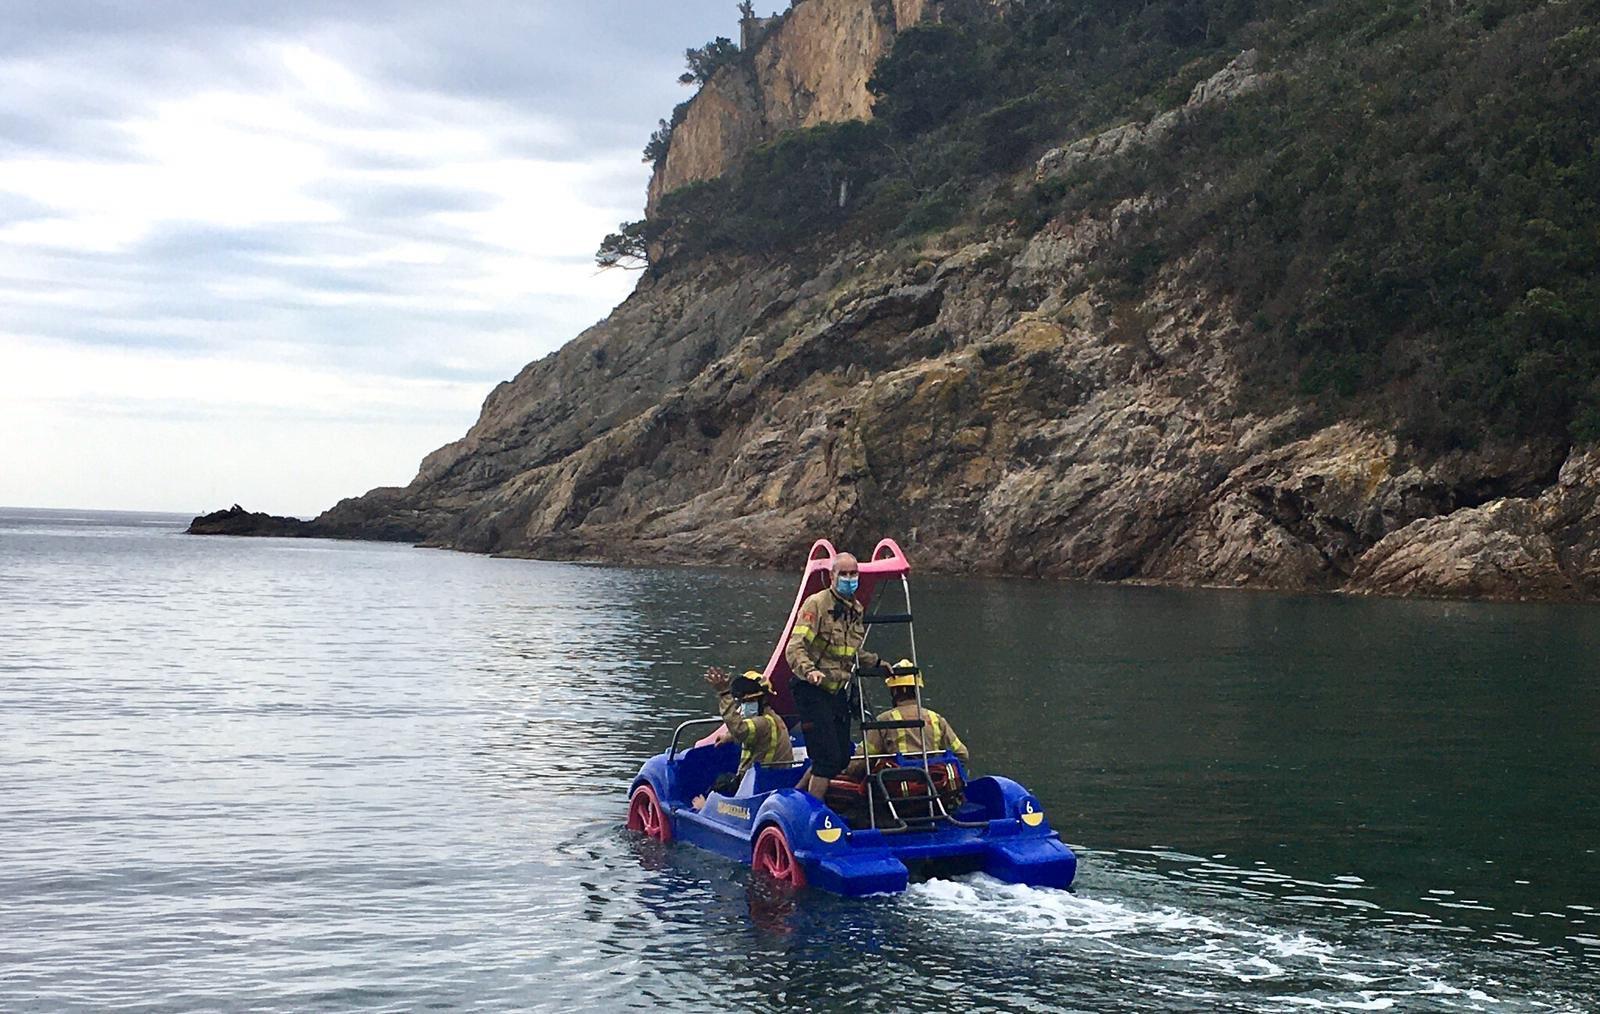 Rescate de los bomberos en Tossa de Mar: si parece estúpido pero funciona...